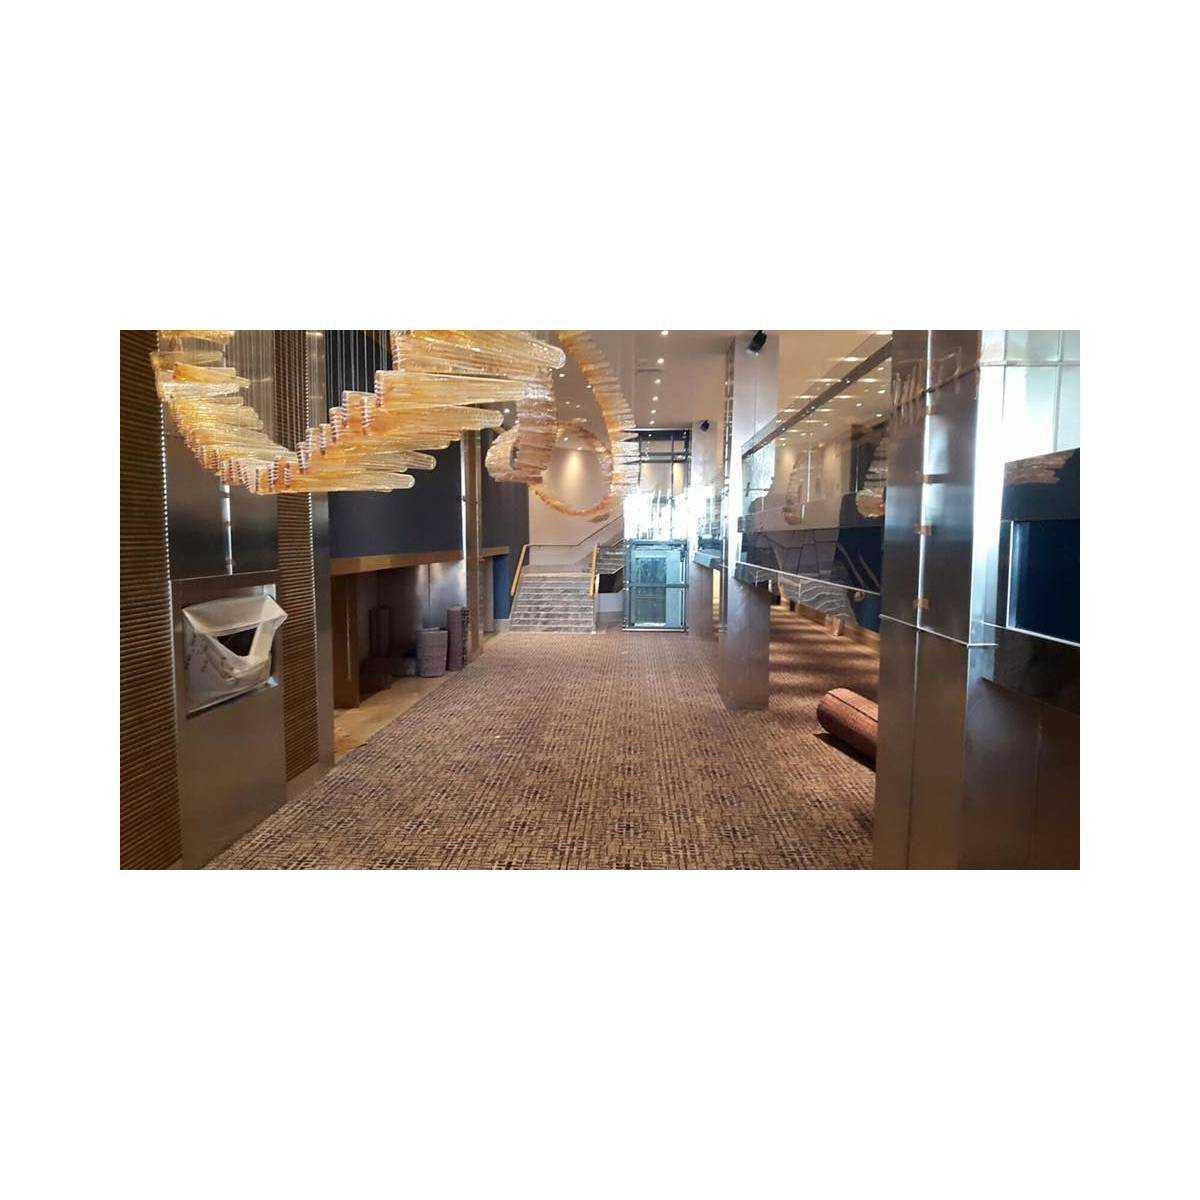 Ковры для комнат и коридоров carpet-room-cor.002 HASKUL HALI